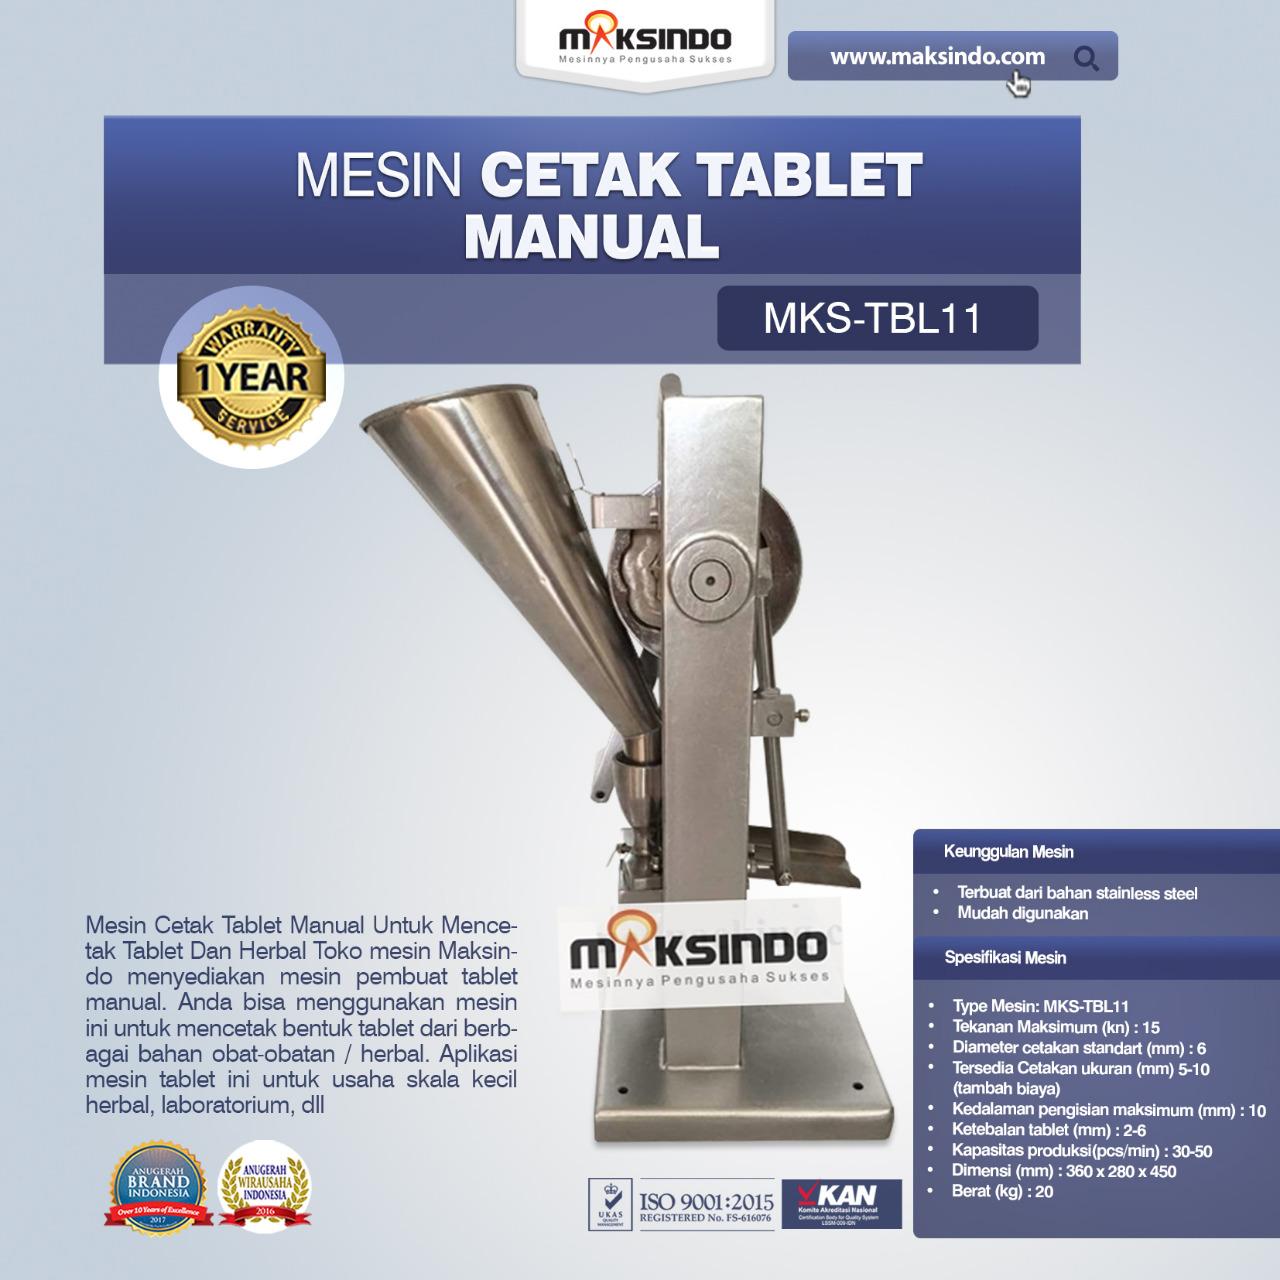 Jual Mesin Cetak Tablet Manual – MKS-TBL11 di Banjarmasin